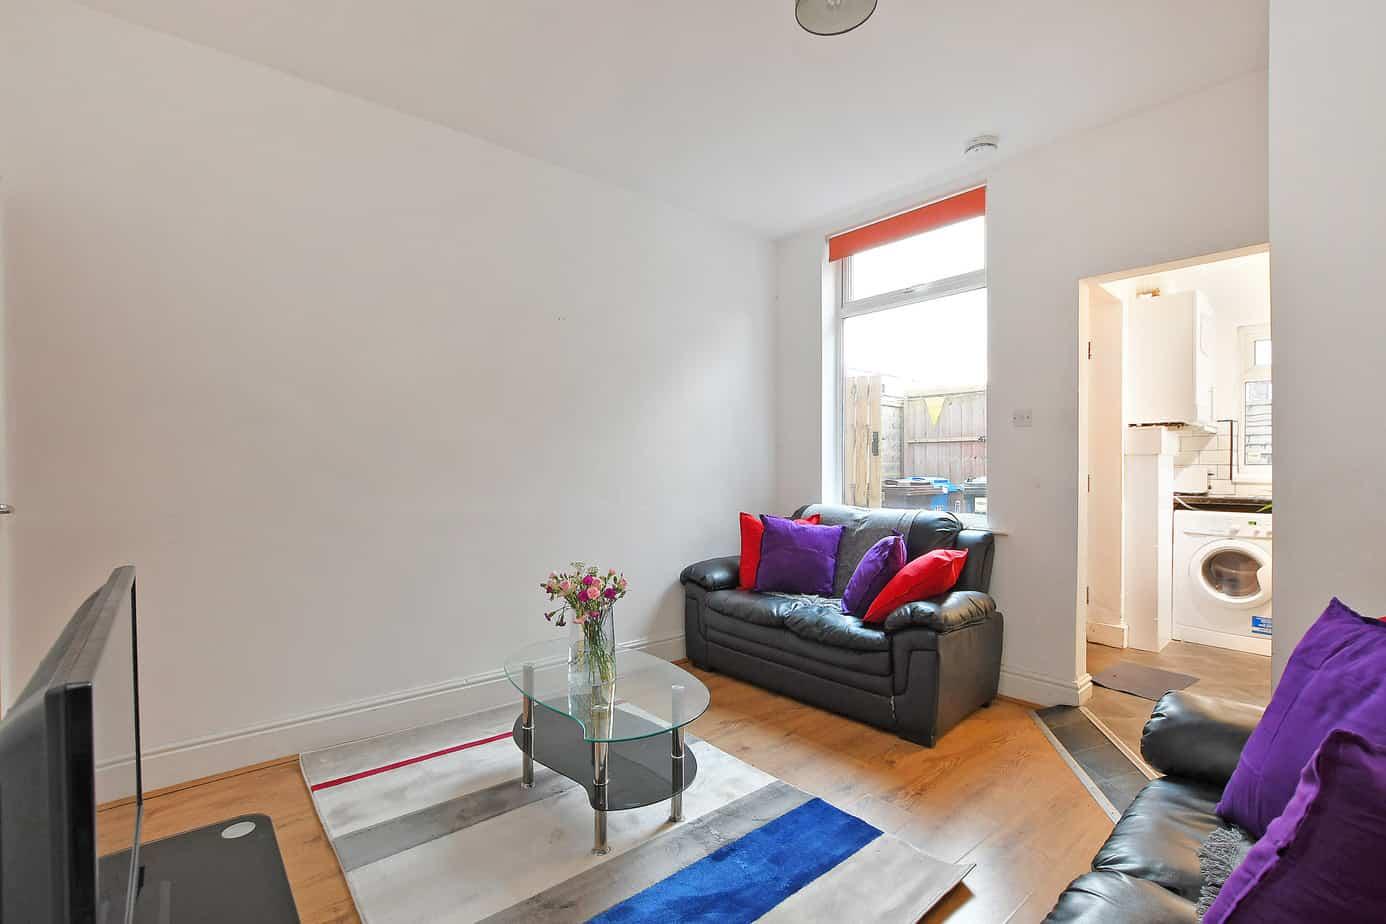 222 Shoreham Street – 4 Bed Student Home